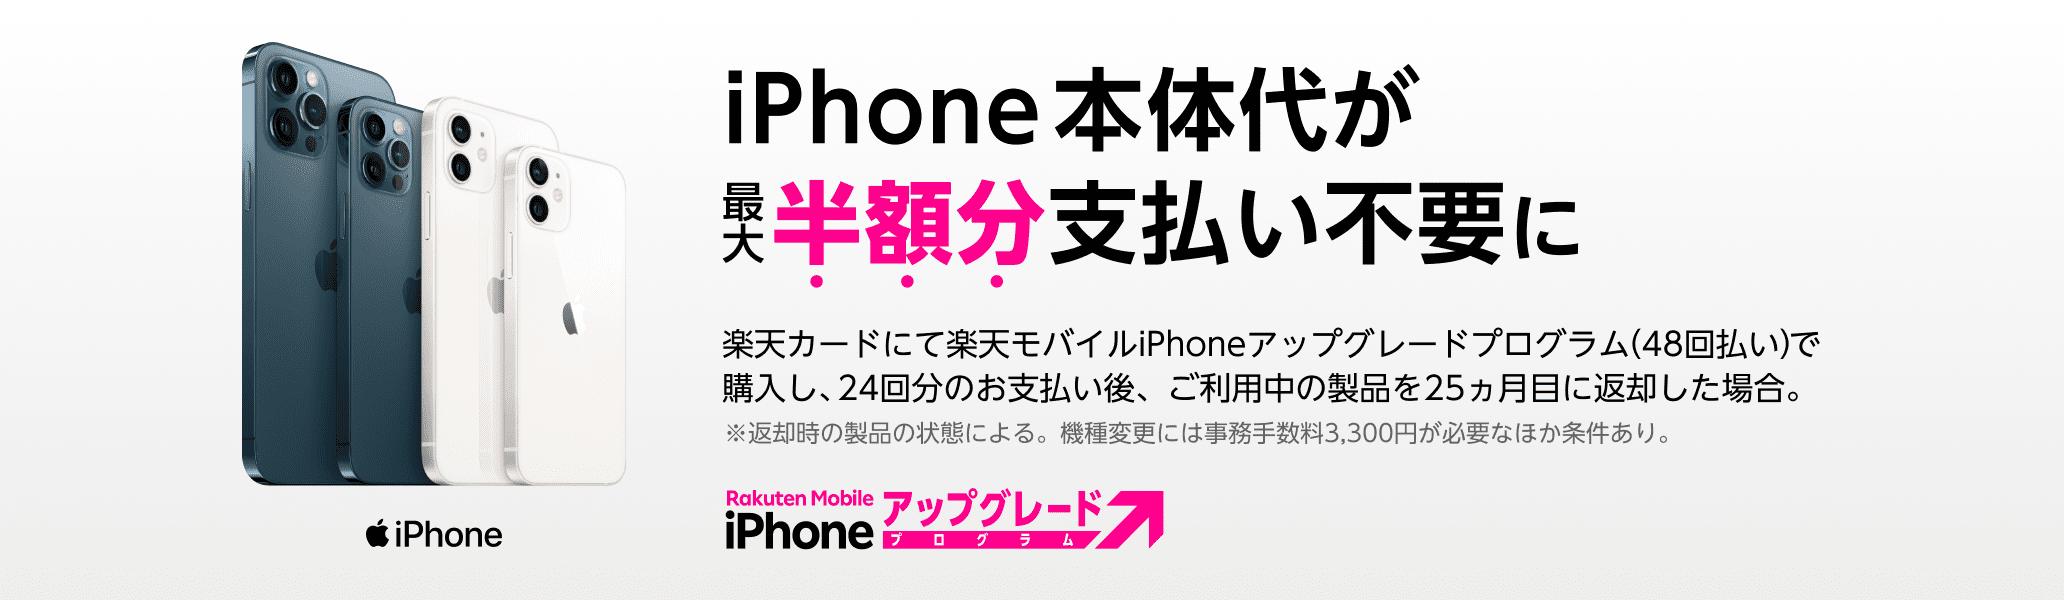 楽天モバイルで端末代が実質半額となる「iPhoneアップグレードプログラム」を開始へ。回線契約は不要。